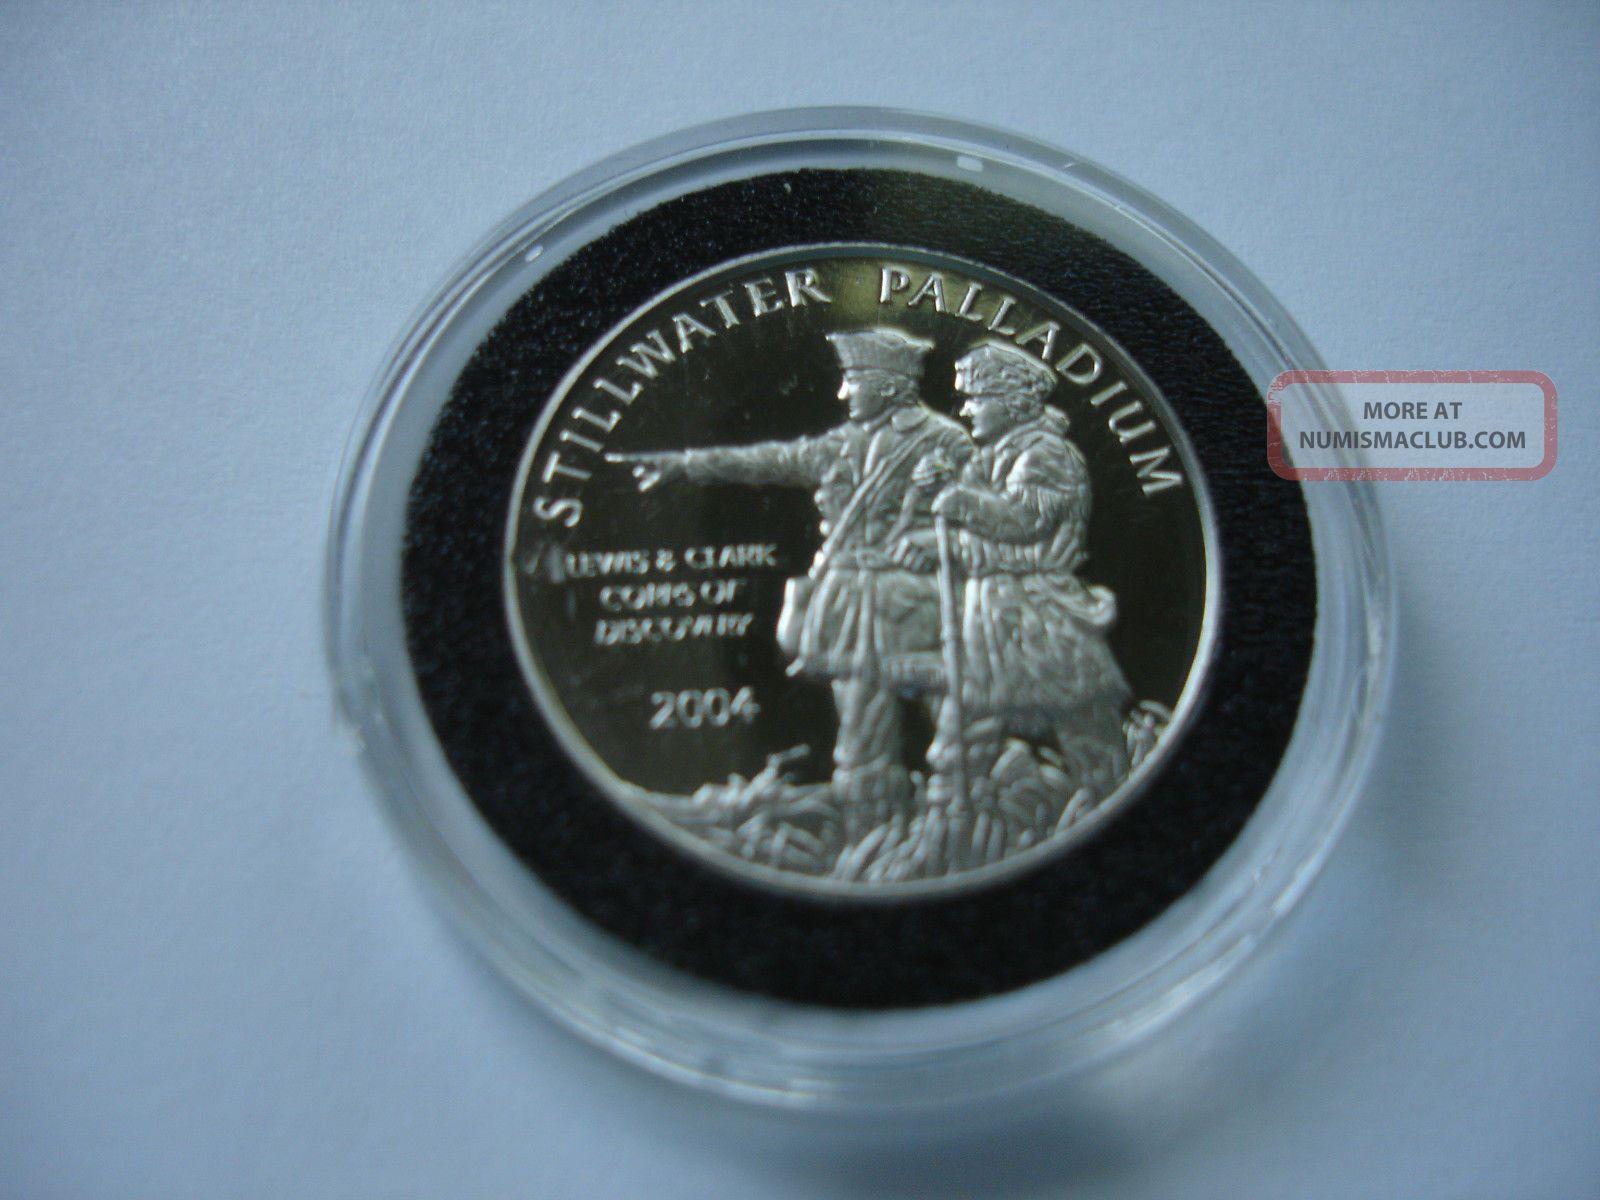 2004 Stillwater Palladium 1/4 Ounce Coin Lewis & Clark Bullion photo